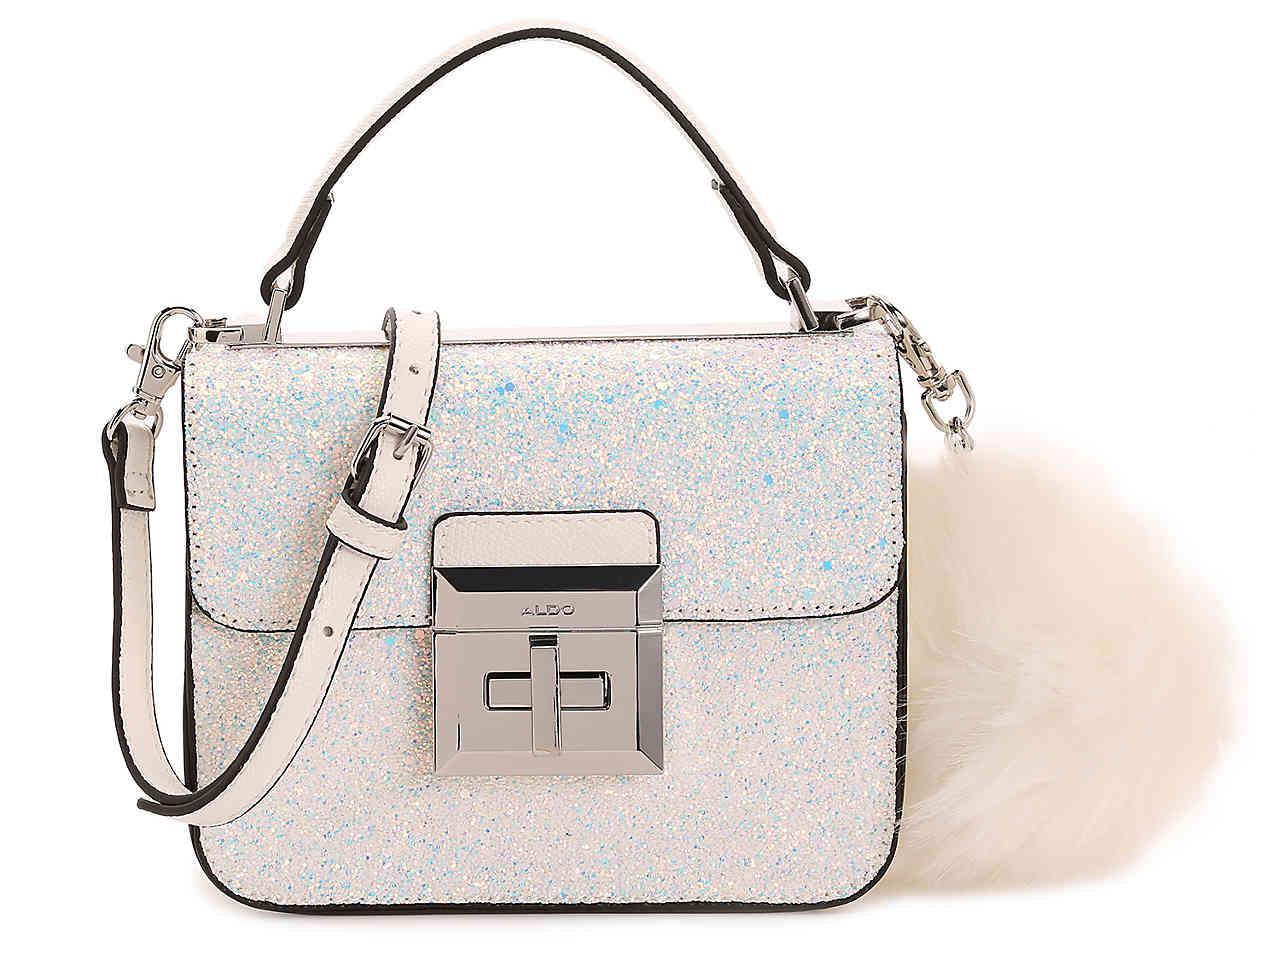 22d63872b8 ALDO Chiadda Crossbody Bag in White - Lyst